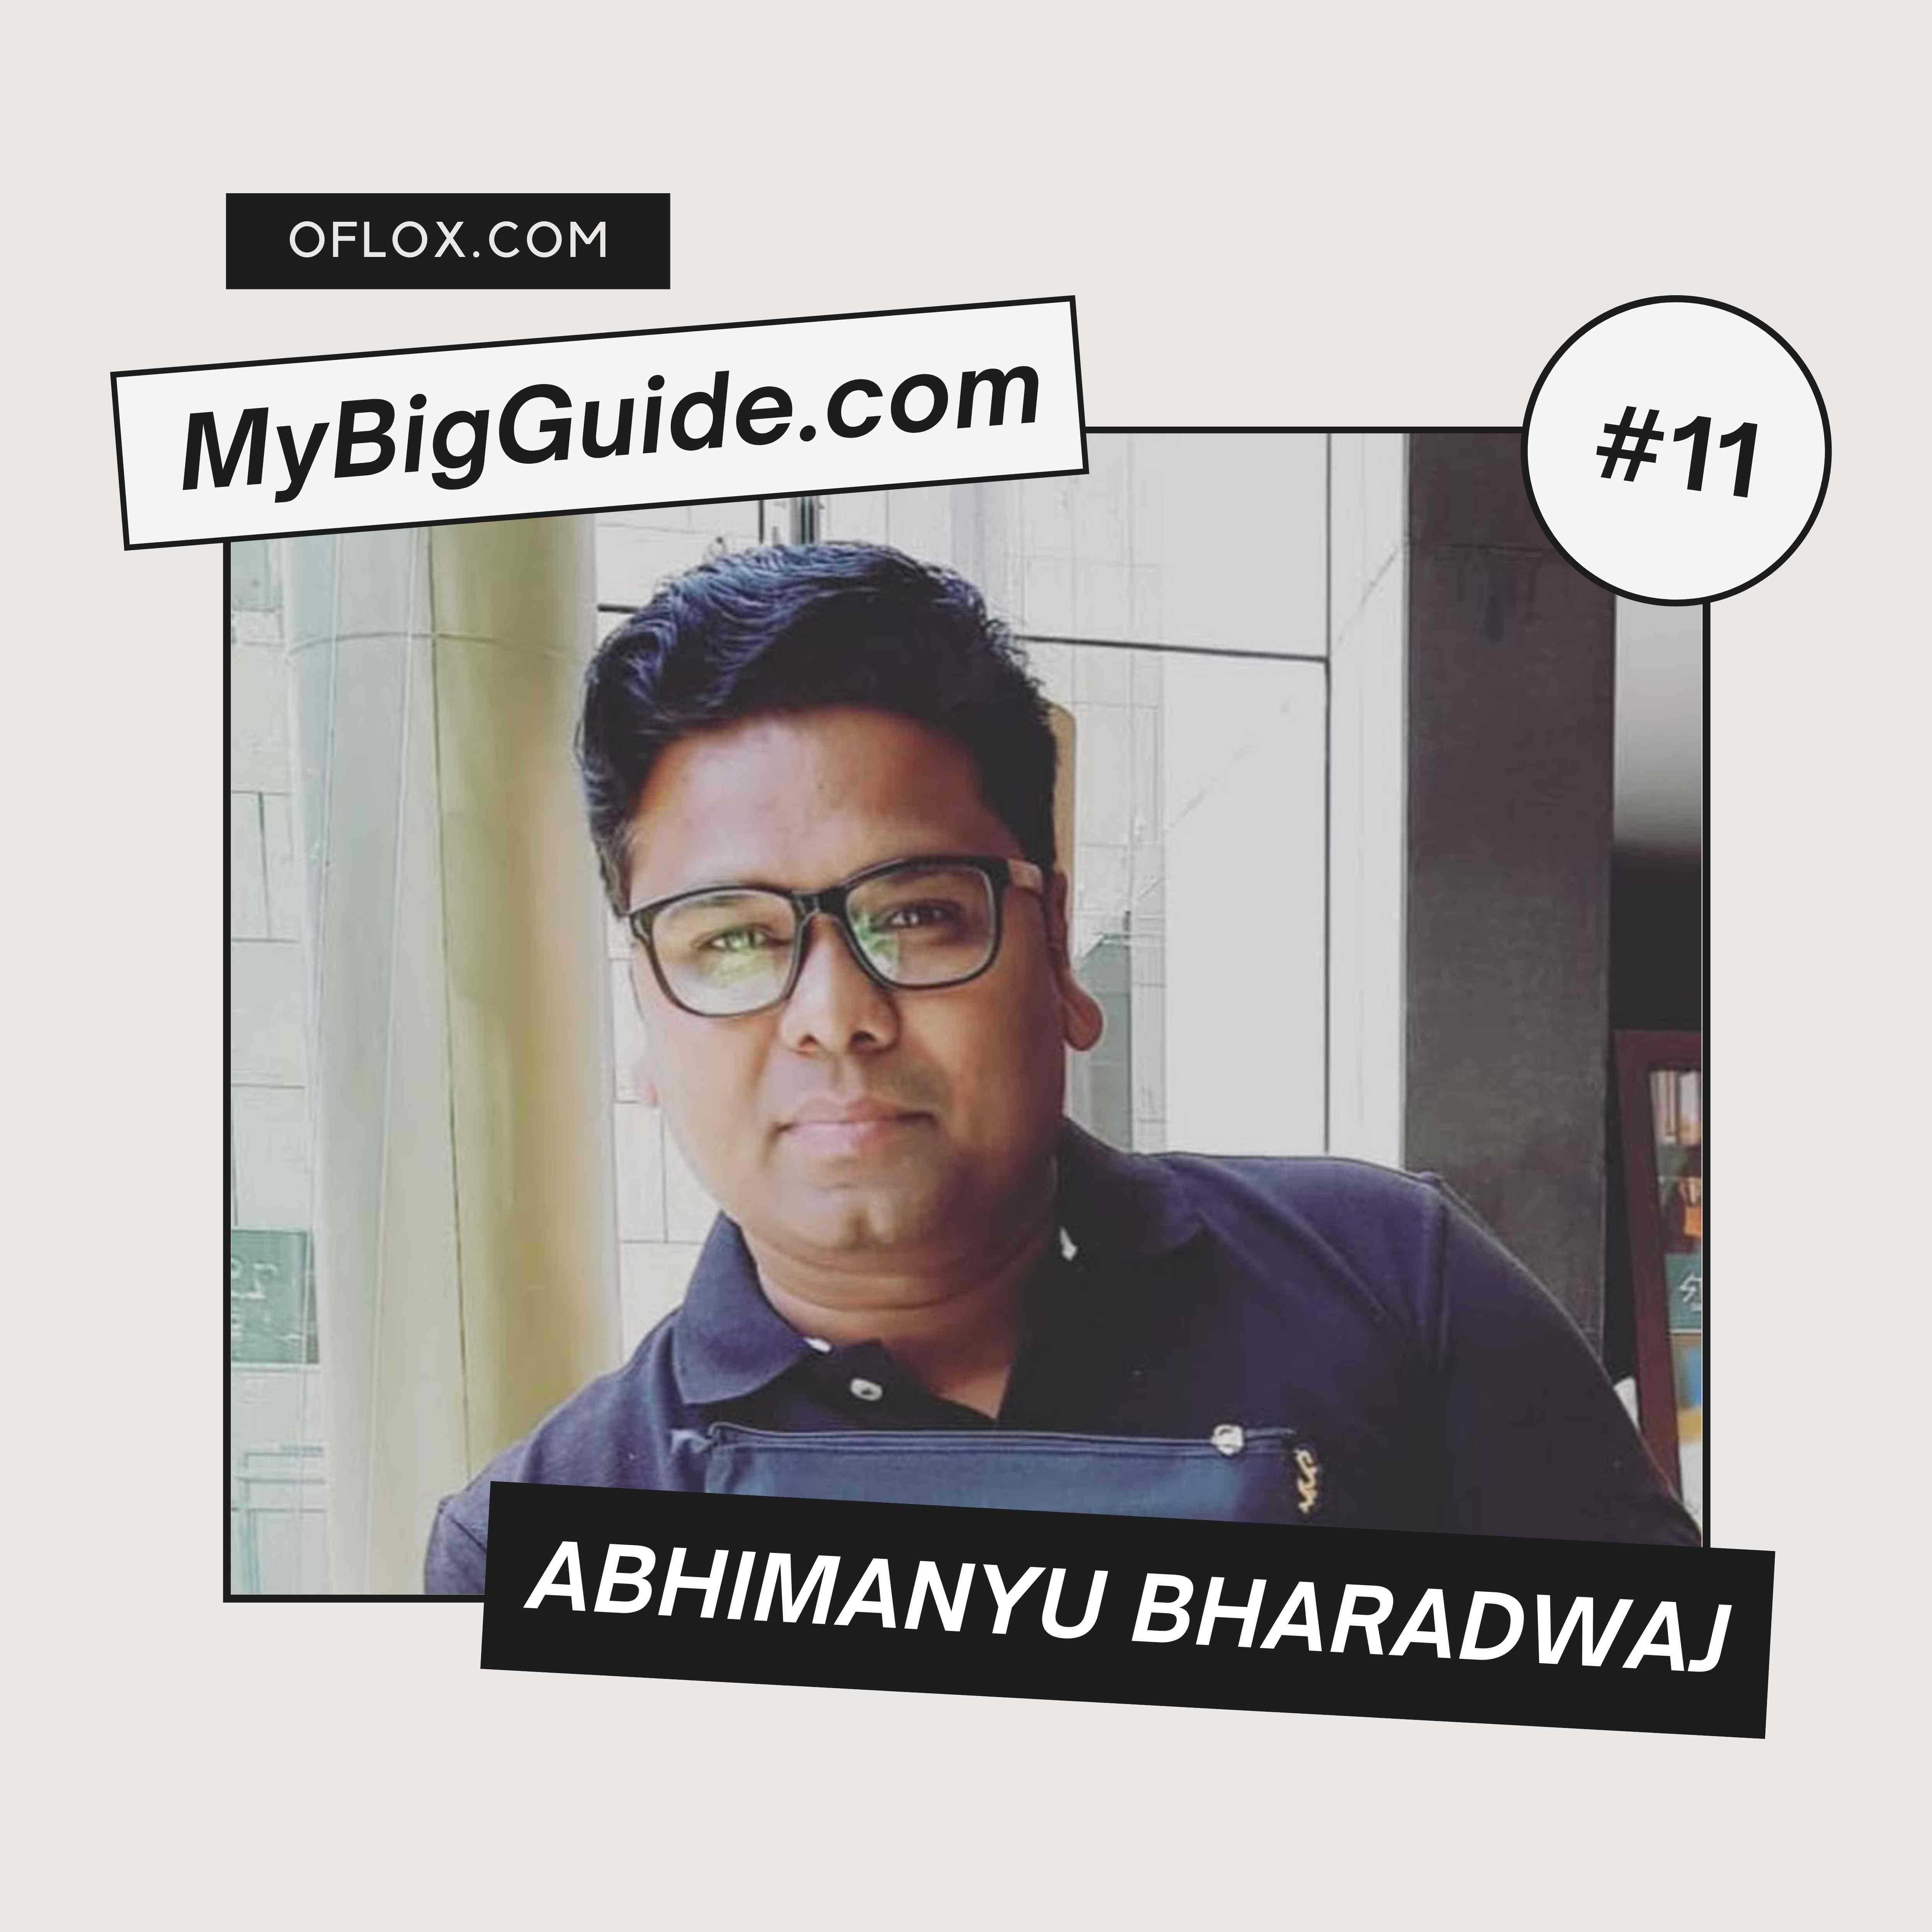 mybigguide.com